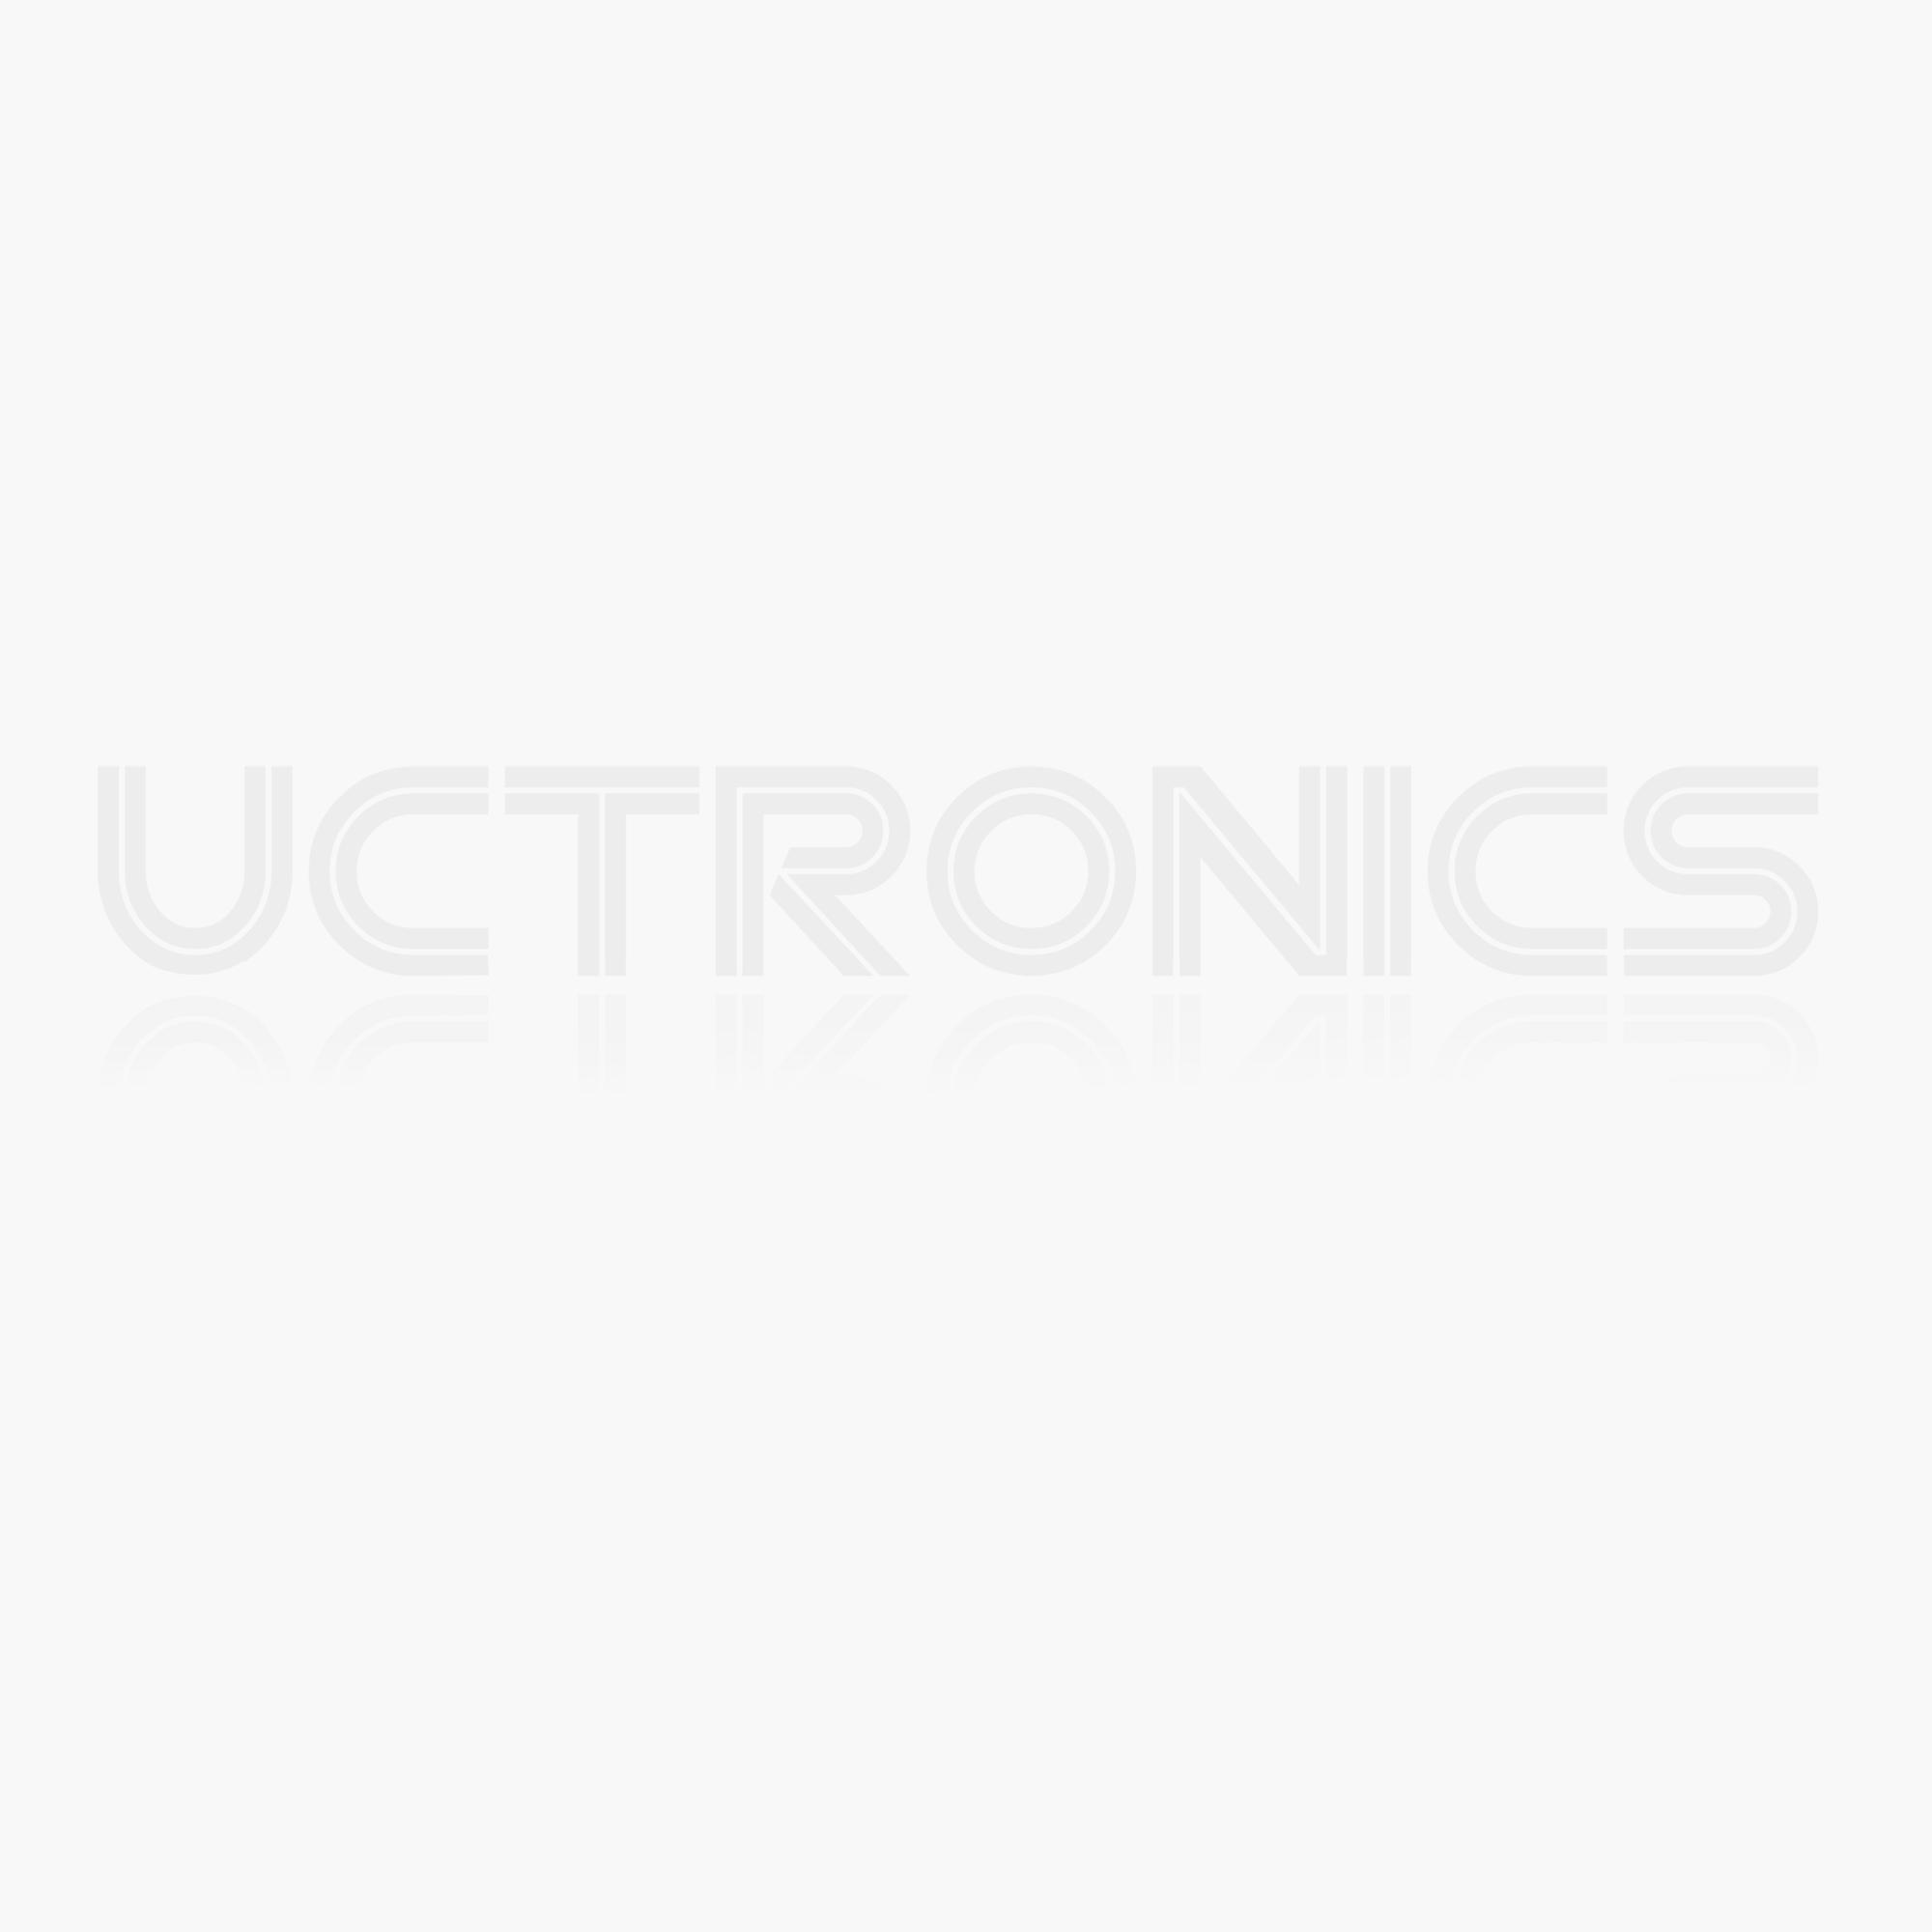 PAM8610 2*15W Dual channel Stereo Class D Amplifier Board 12V